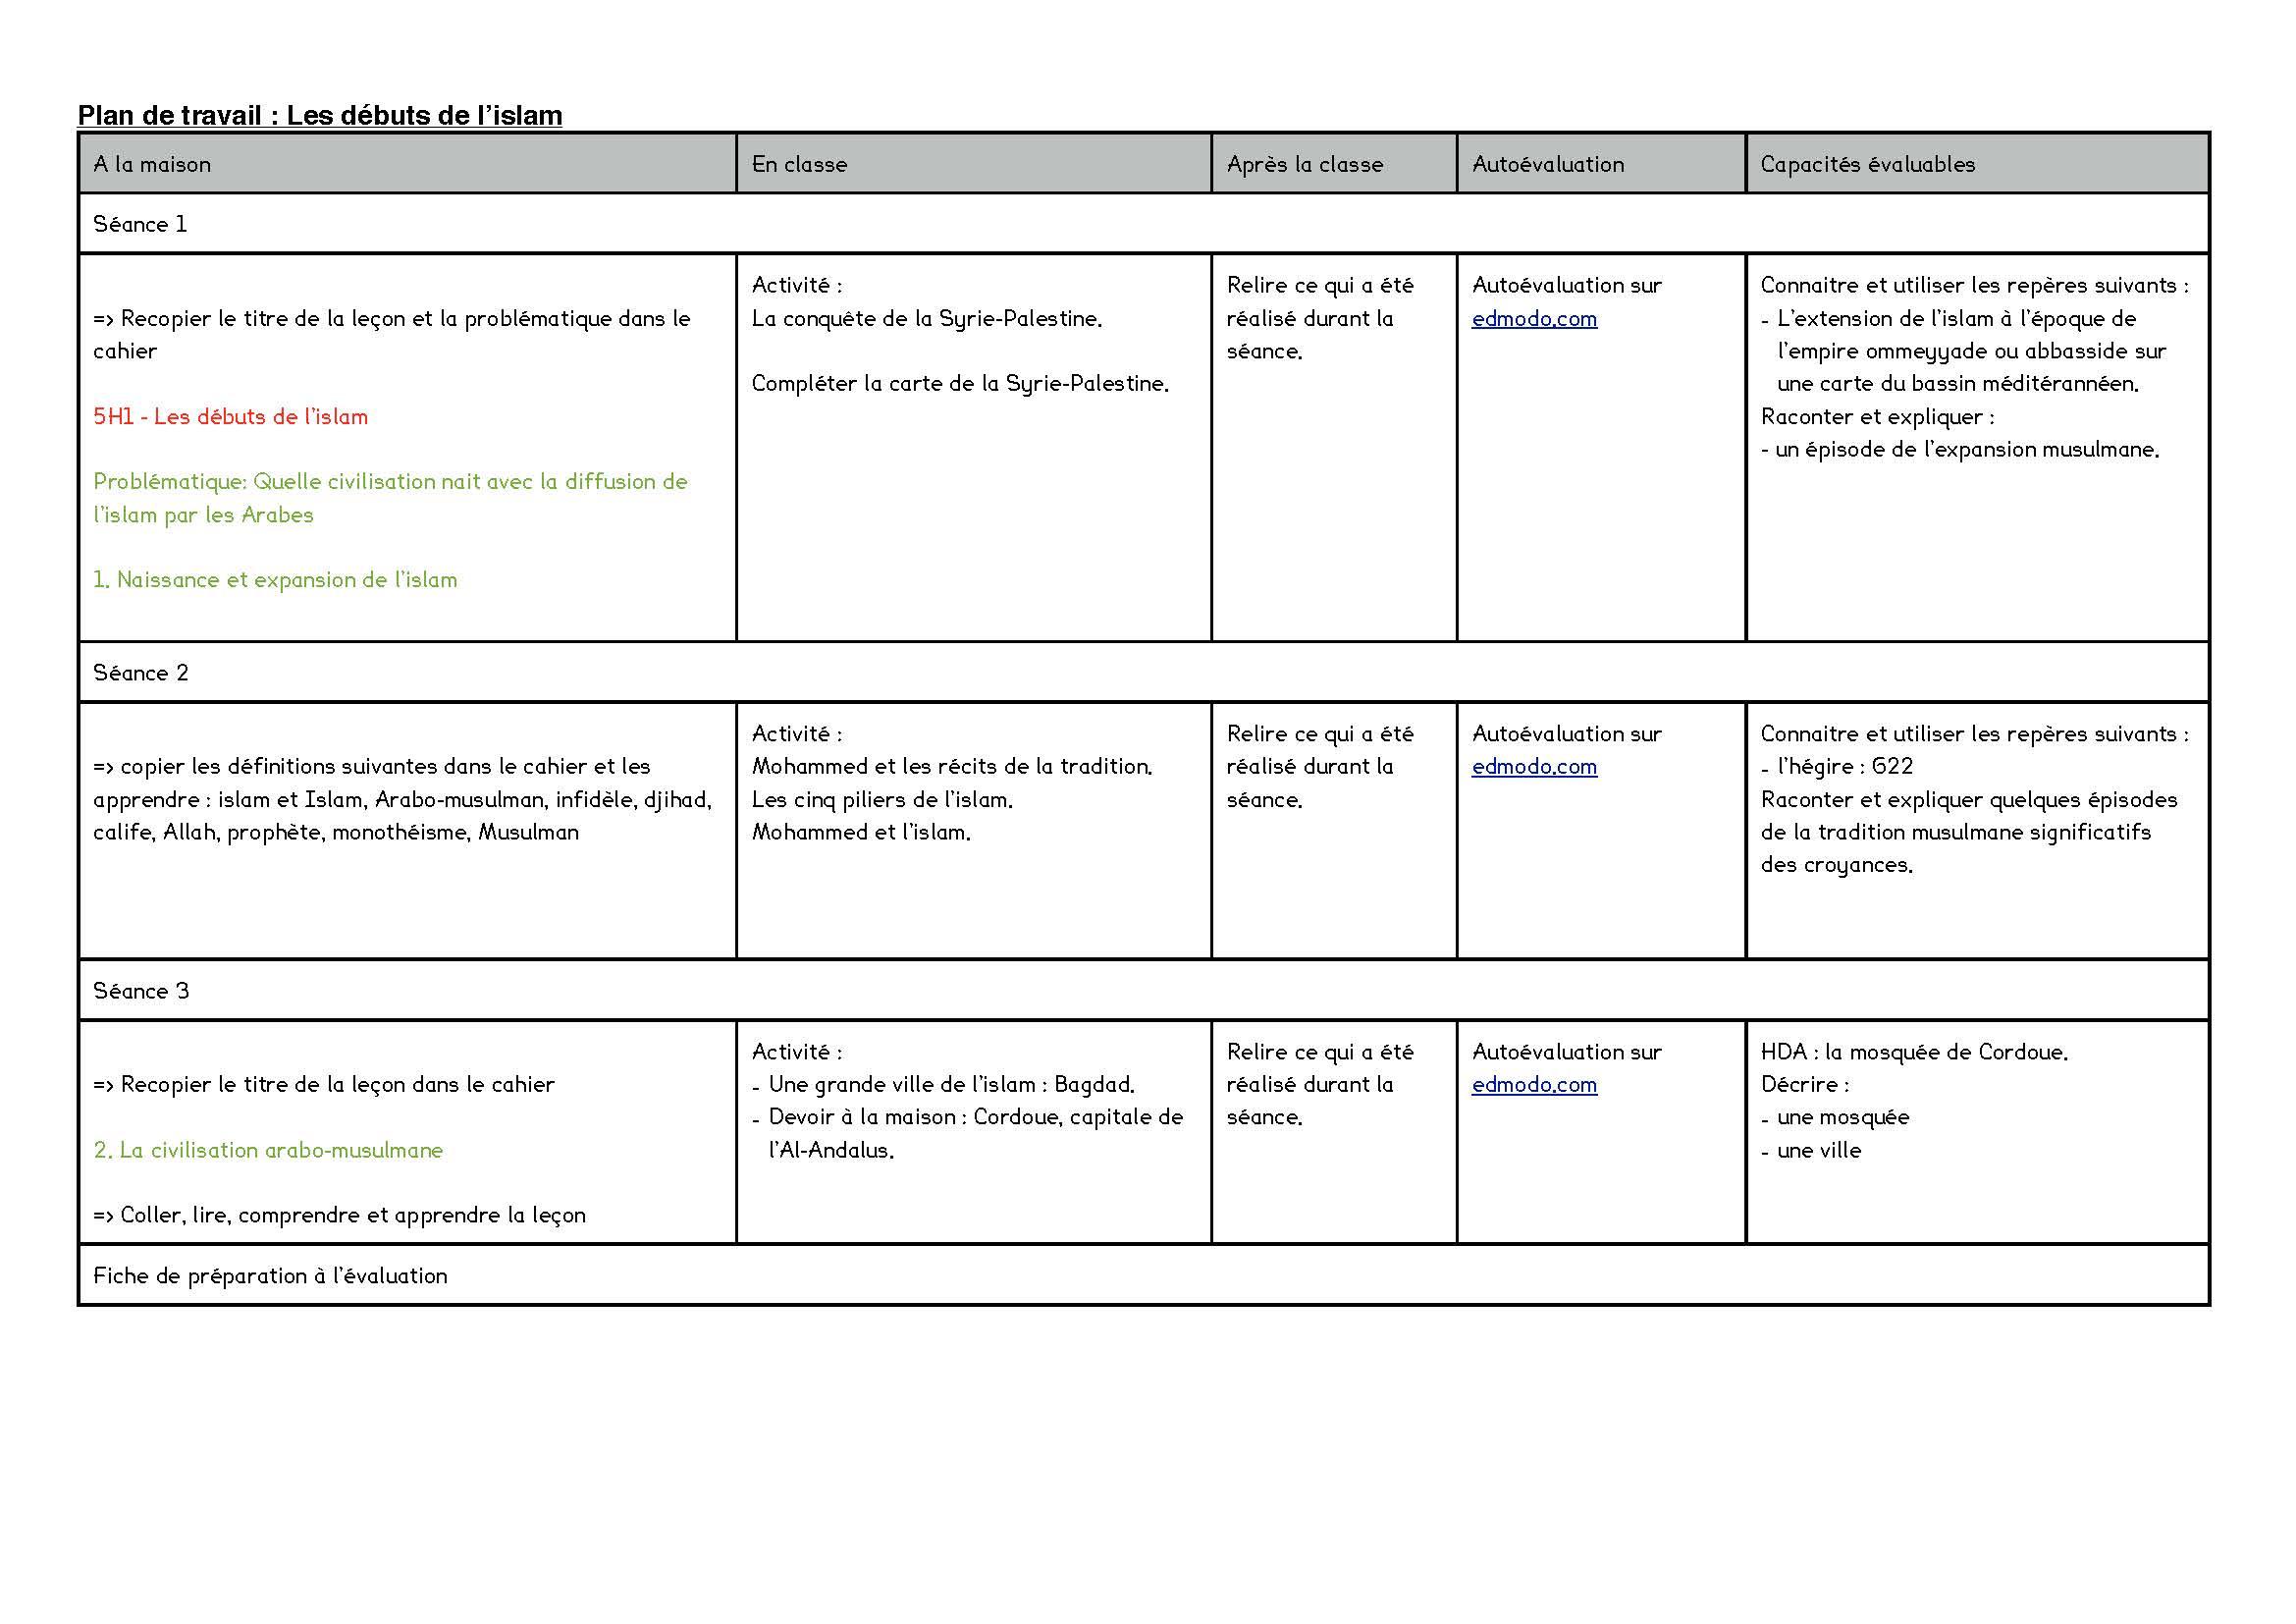 Des classes invers es pour l ann e prochaines blog for Decouper plan de travail